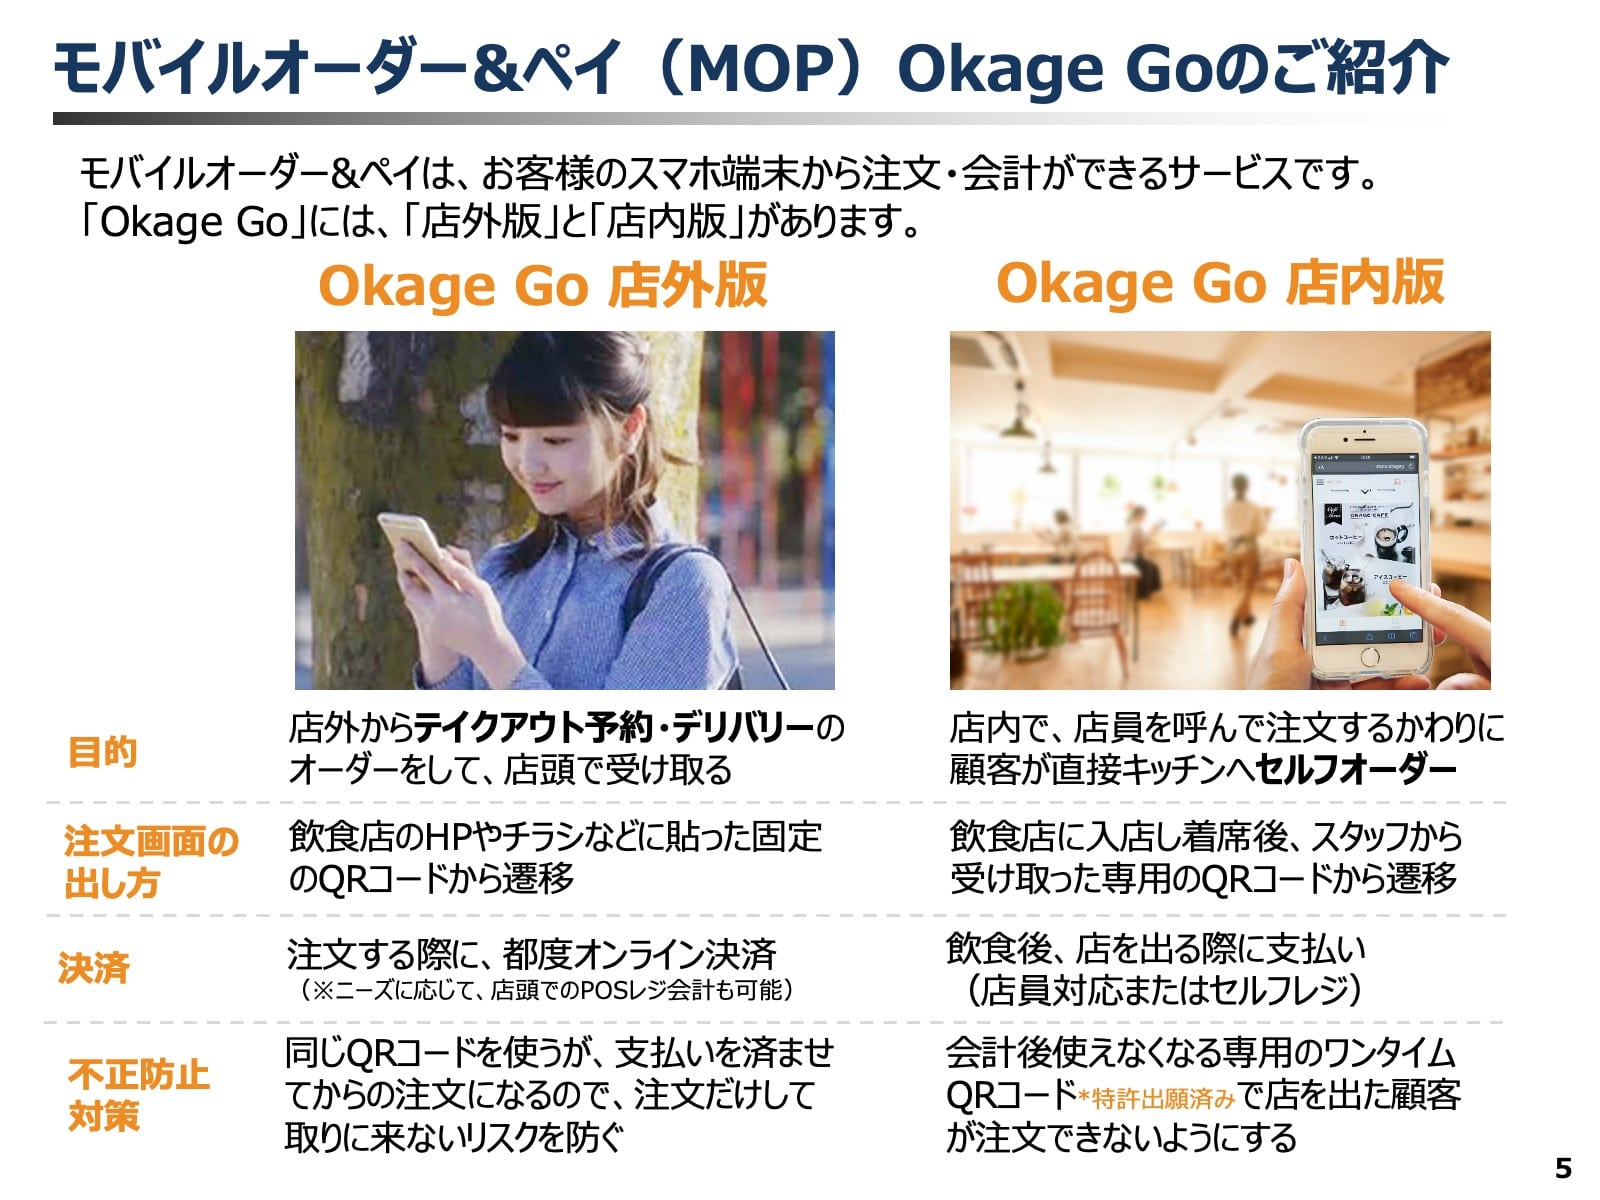 モバイルオーダー&ペイシステム「Okage Go」